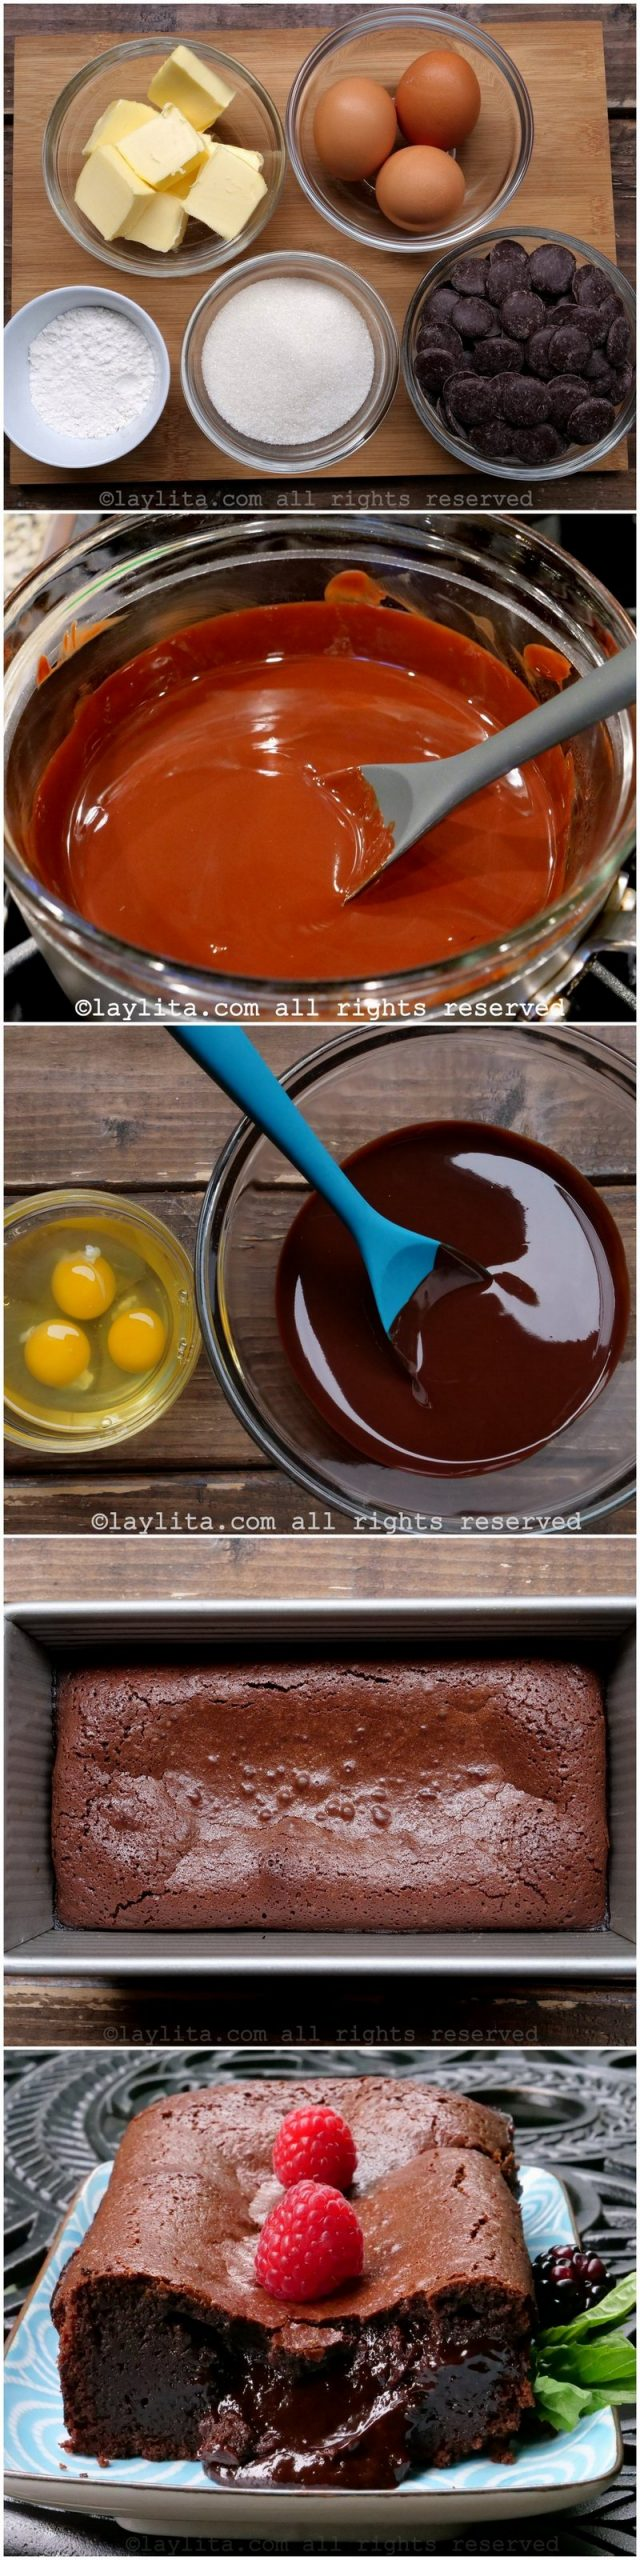 Como hacer un pastel fundido de chocolate estilo francés